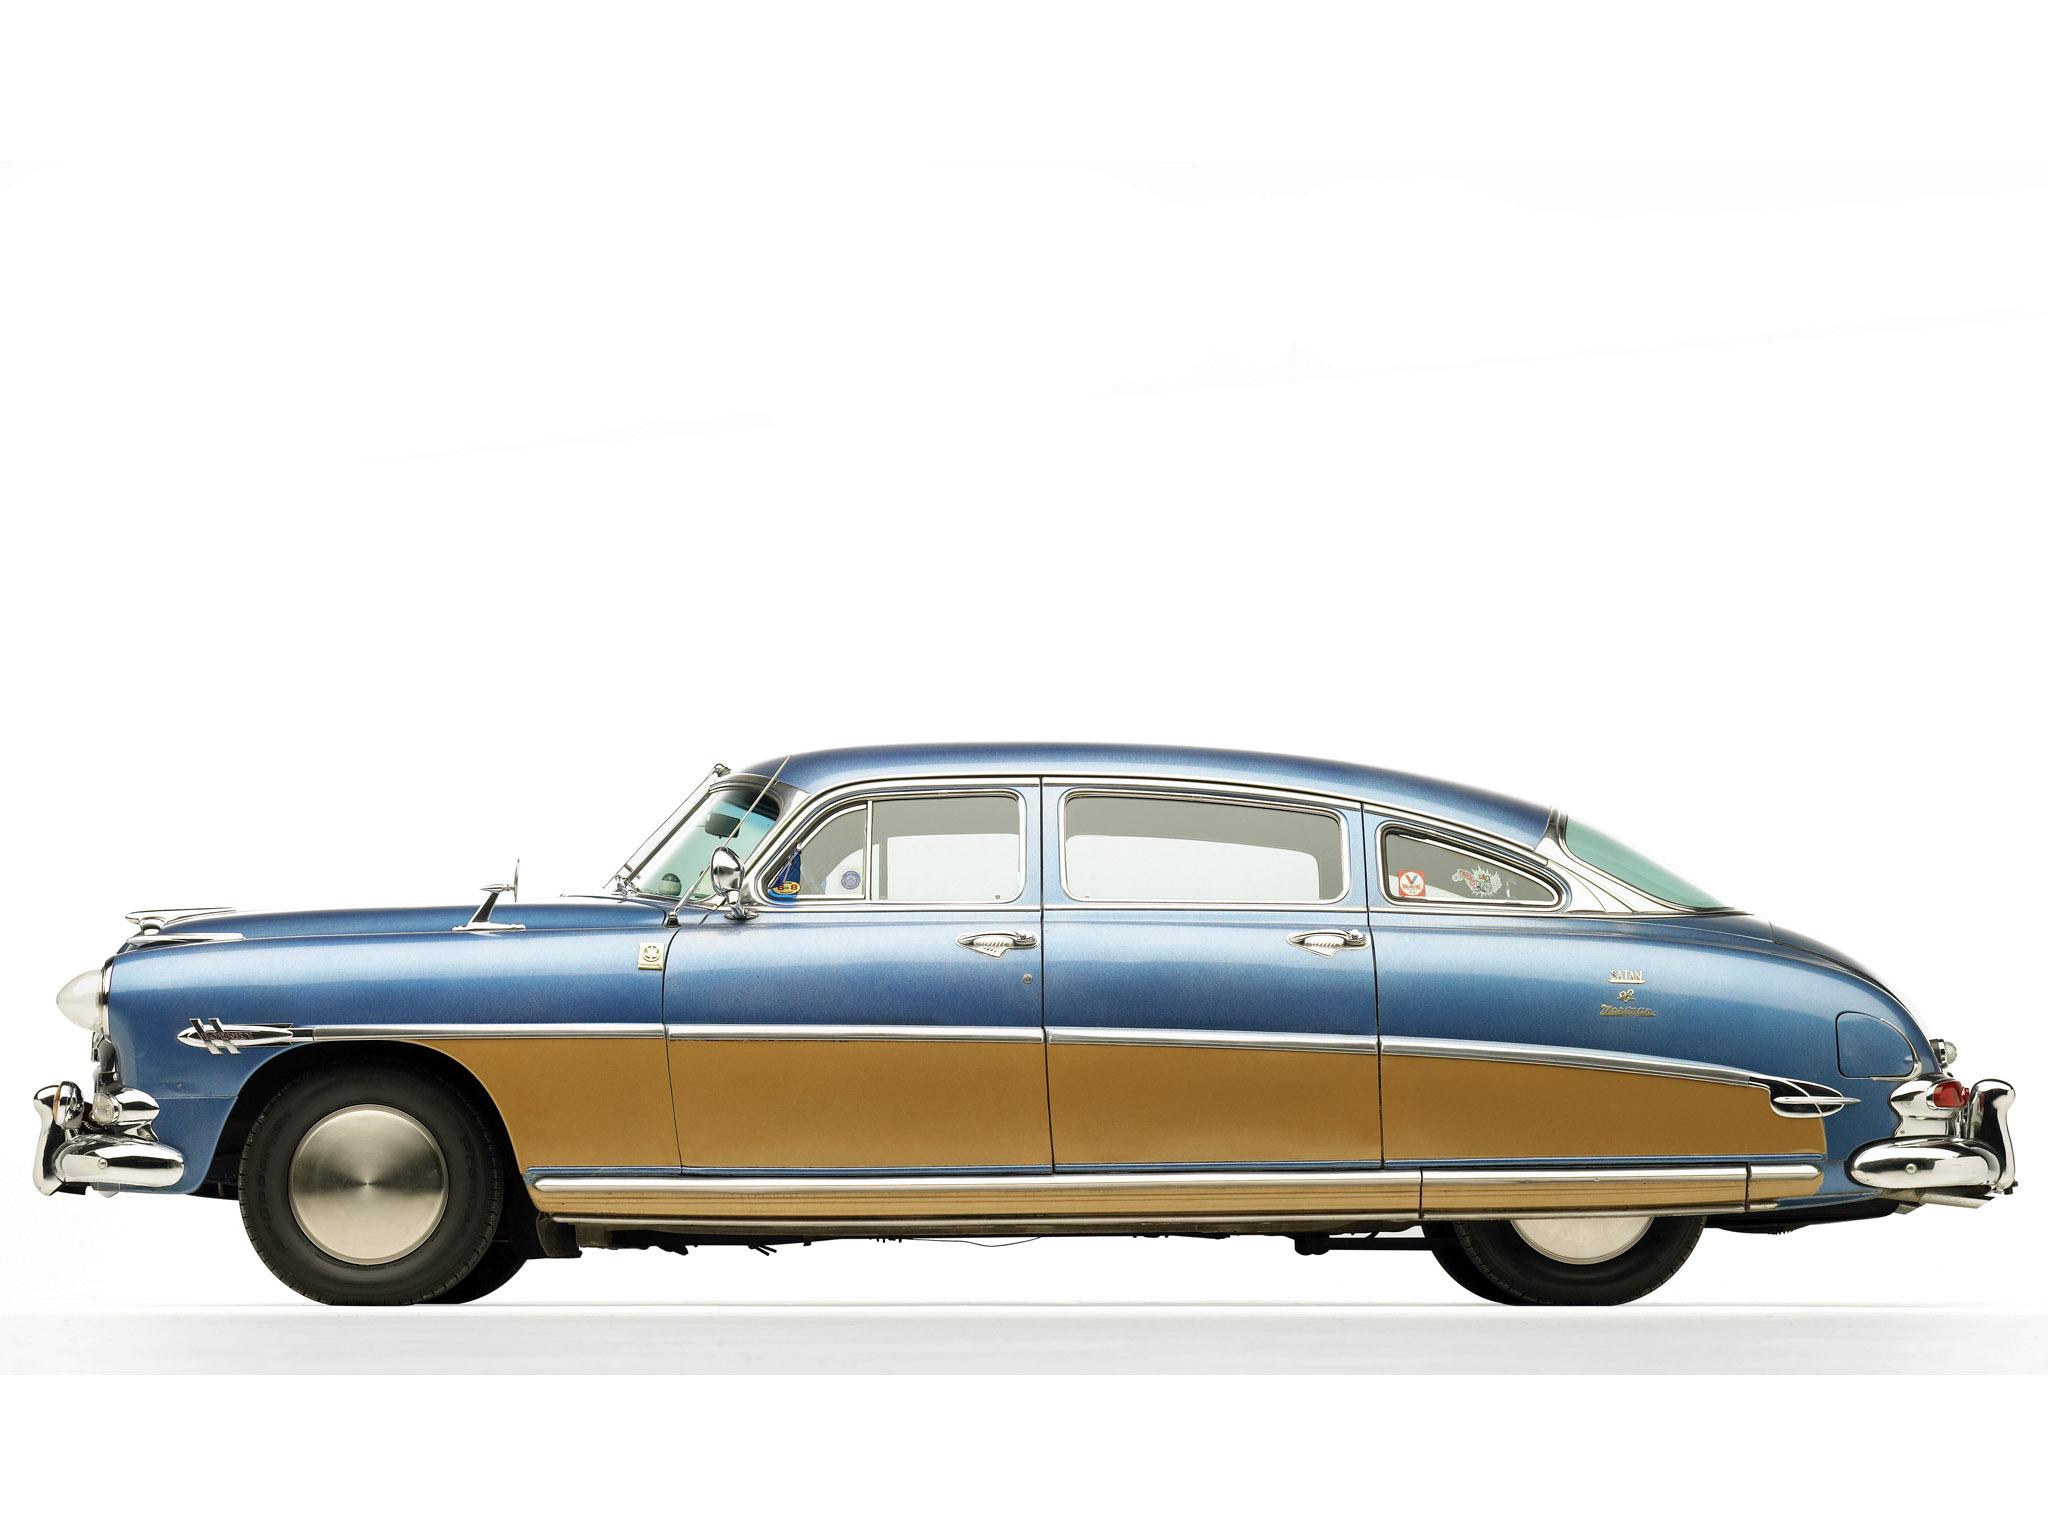 1953 hudson hornet sedan retro d wallpaper 2048x1536 for Hudson log